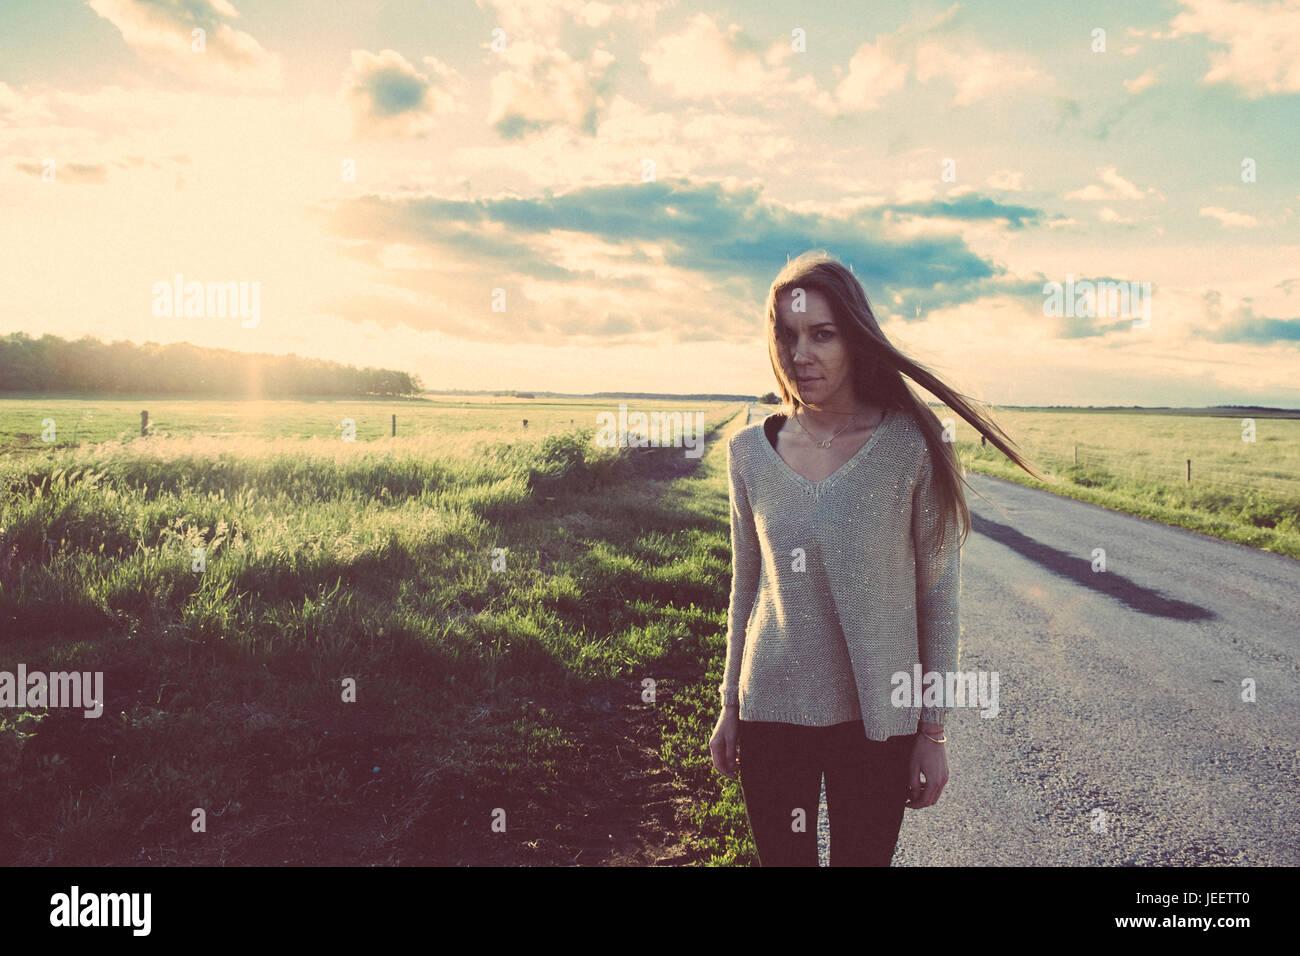 Pellicola fotografica di donna sulla strada in estate tramonto Immagini Stock